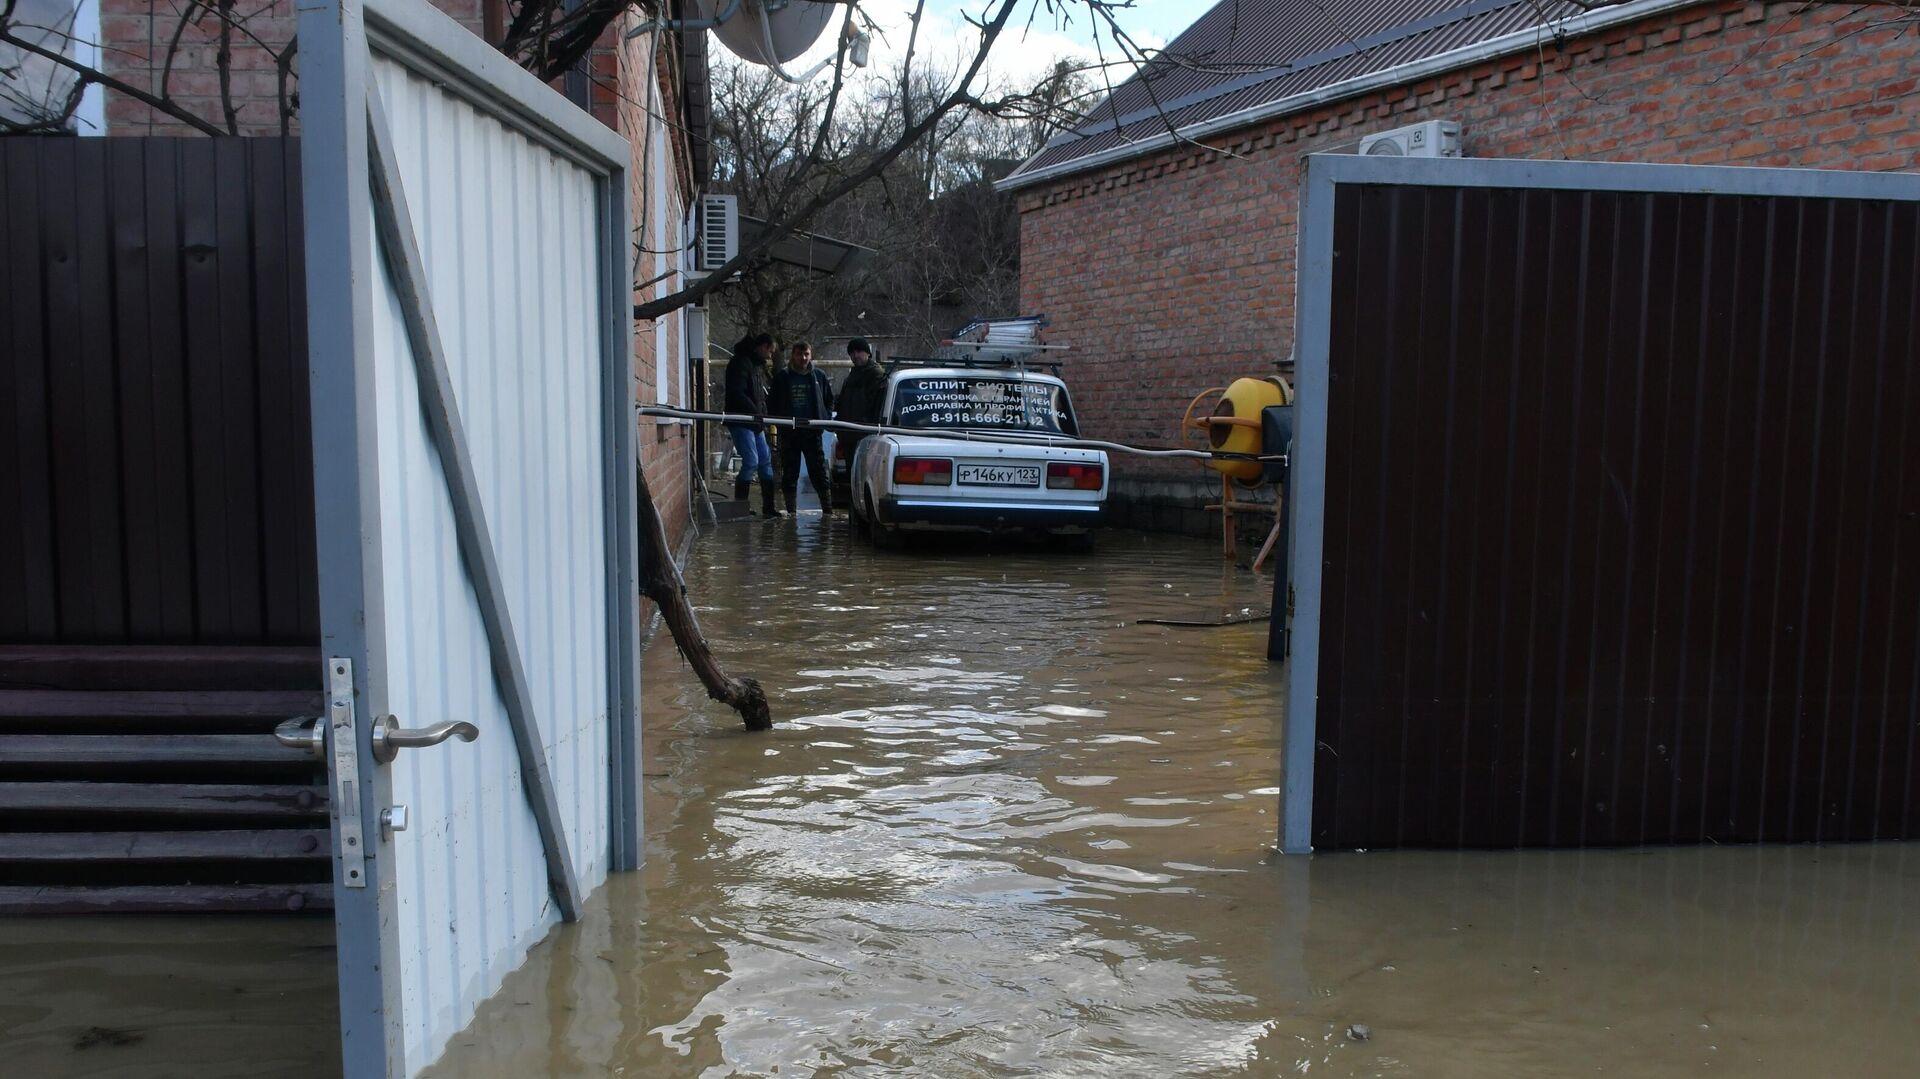 Затопленный двор жилого дома - РИА Новости, 1920, 04.02.2021